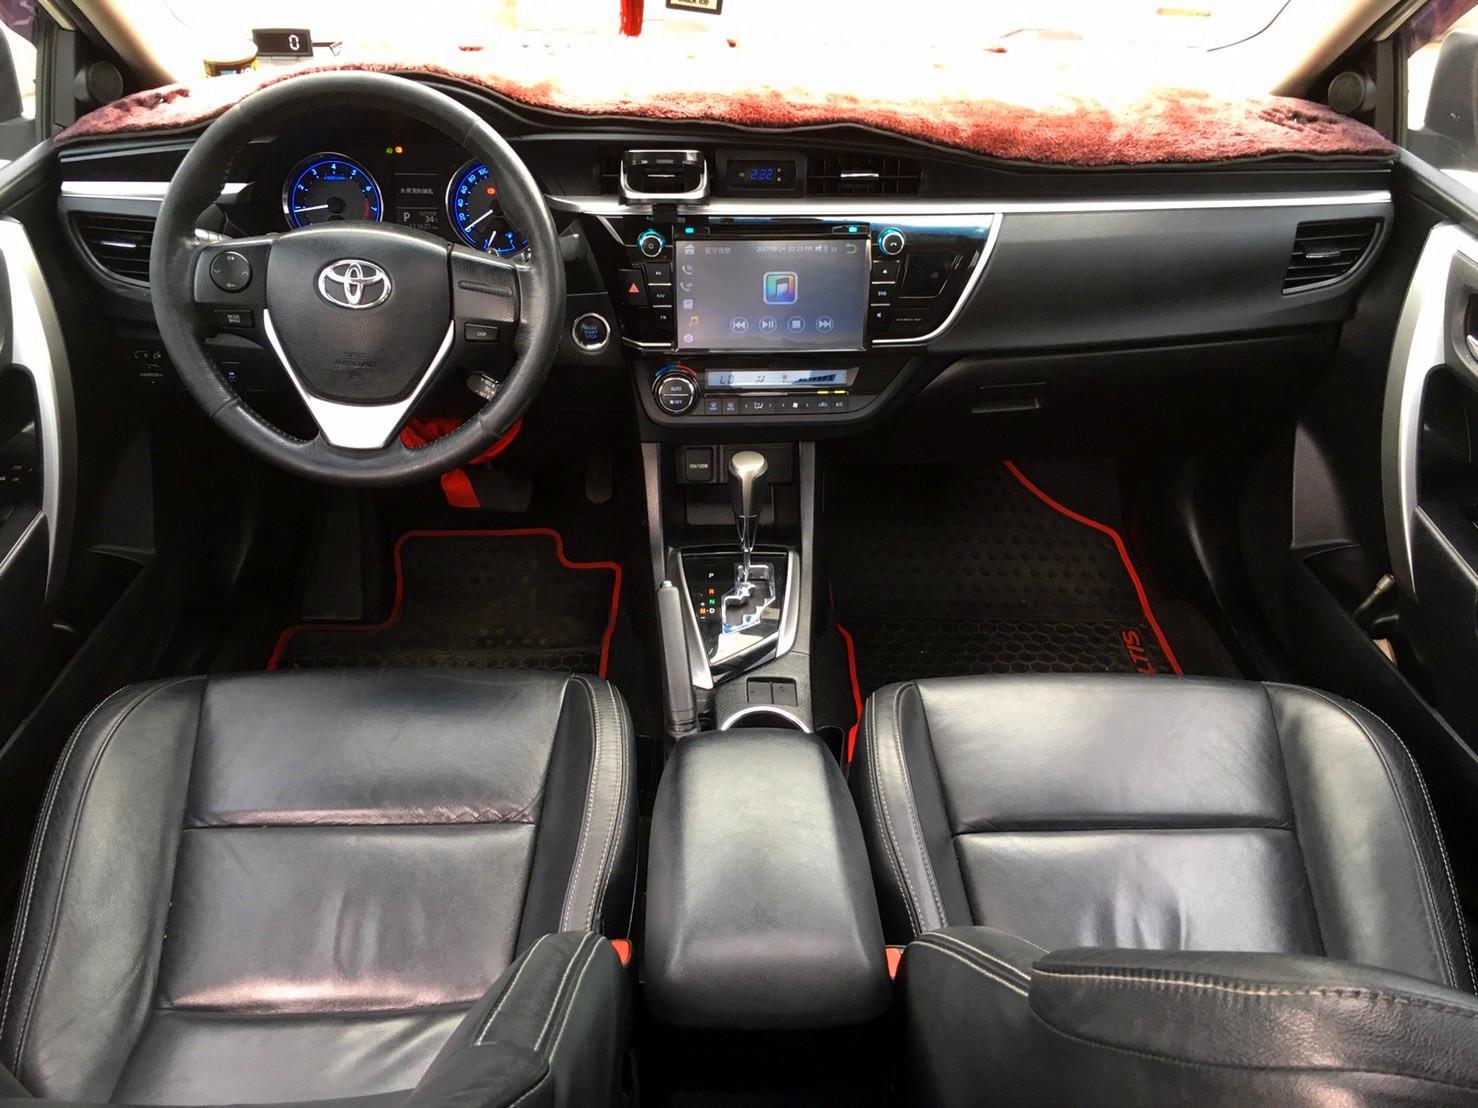 2014年 ALTIS 白 Z版 熱門車中古車二手車